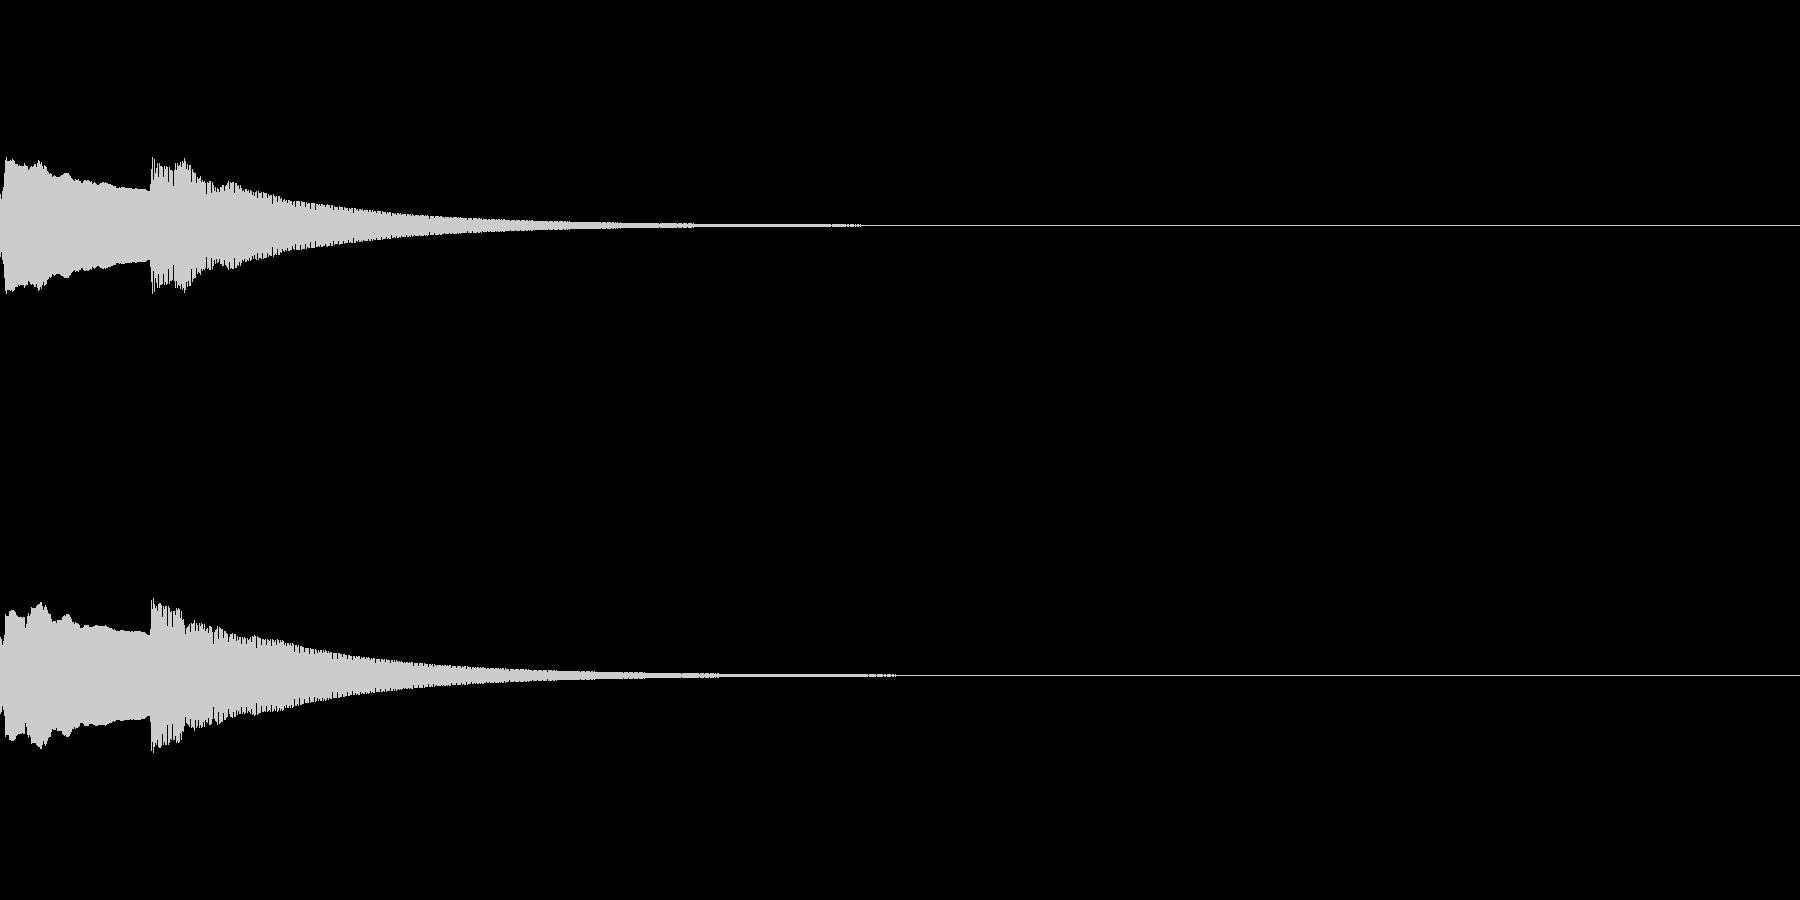 早めのピーンポーン(昔の呼び鈴)の未再生の波形